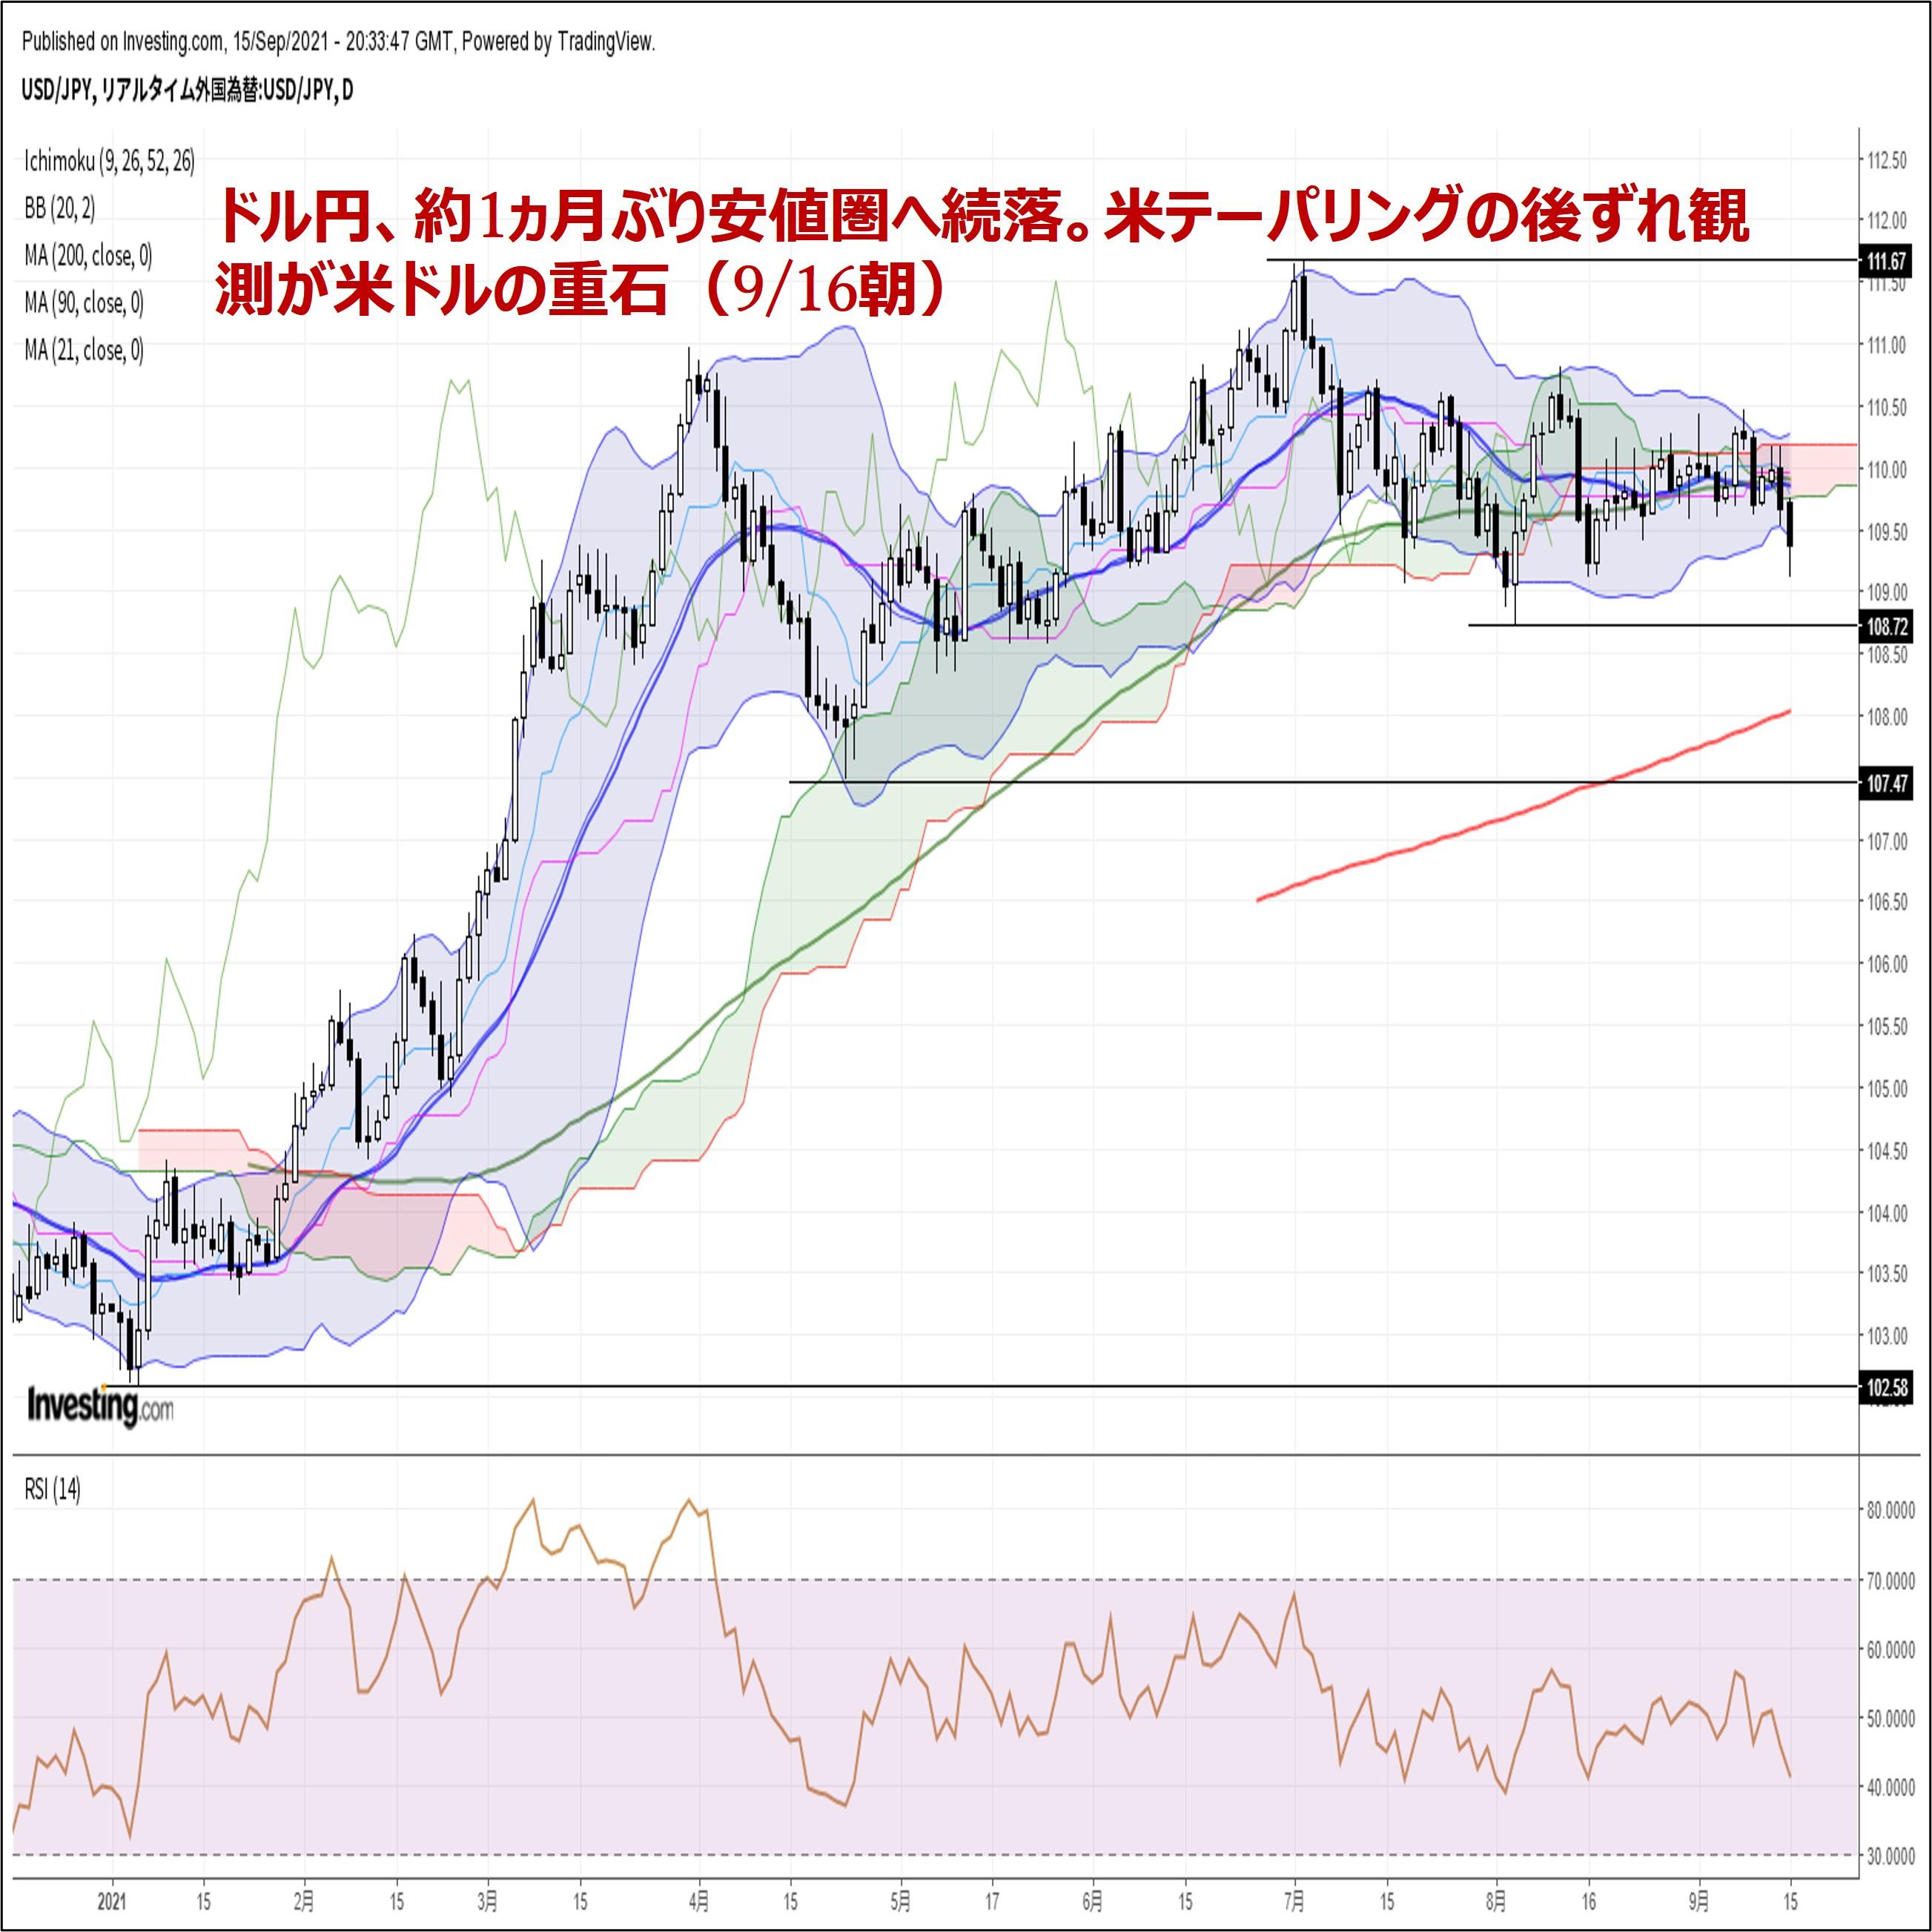 ドル円、約1ヵ月ぶり安値圏へ続落。米テーパリングの後ずれ観測が米ドルの重石